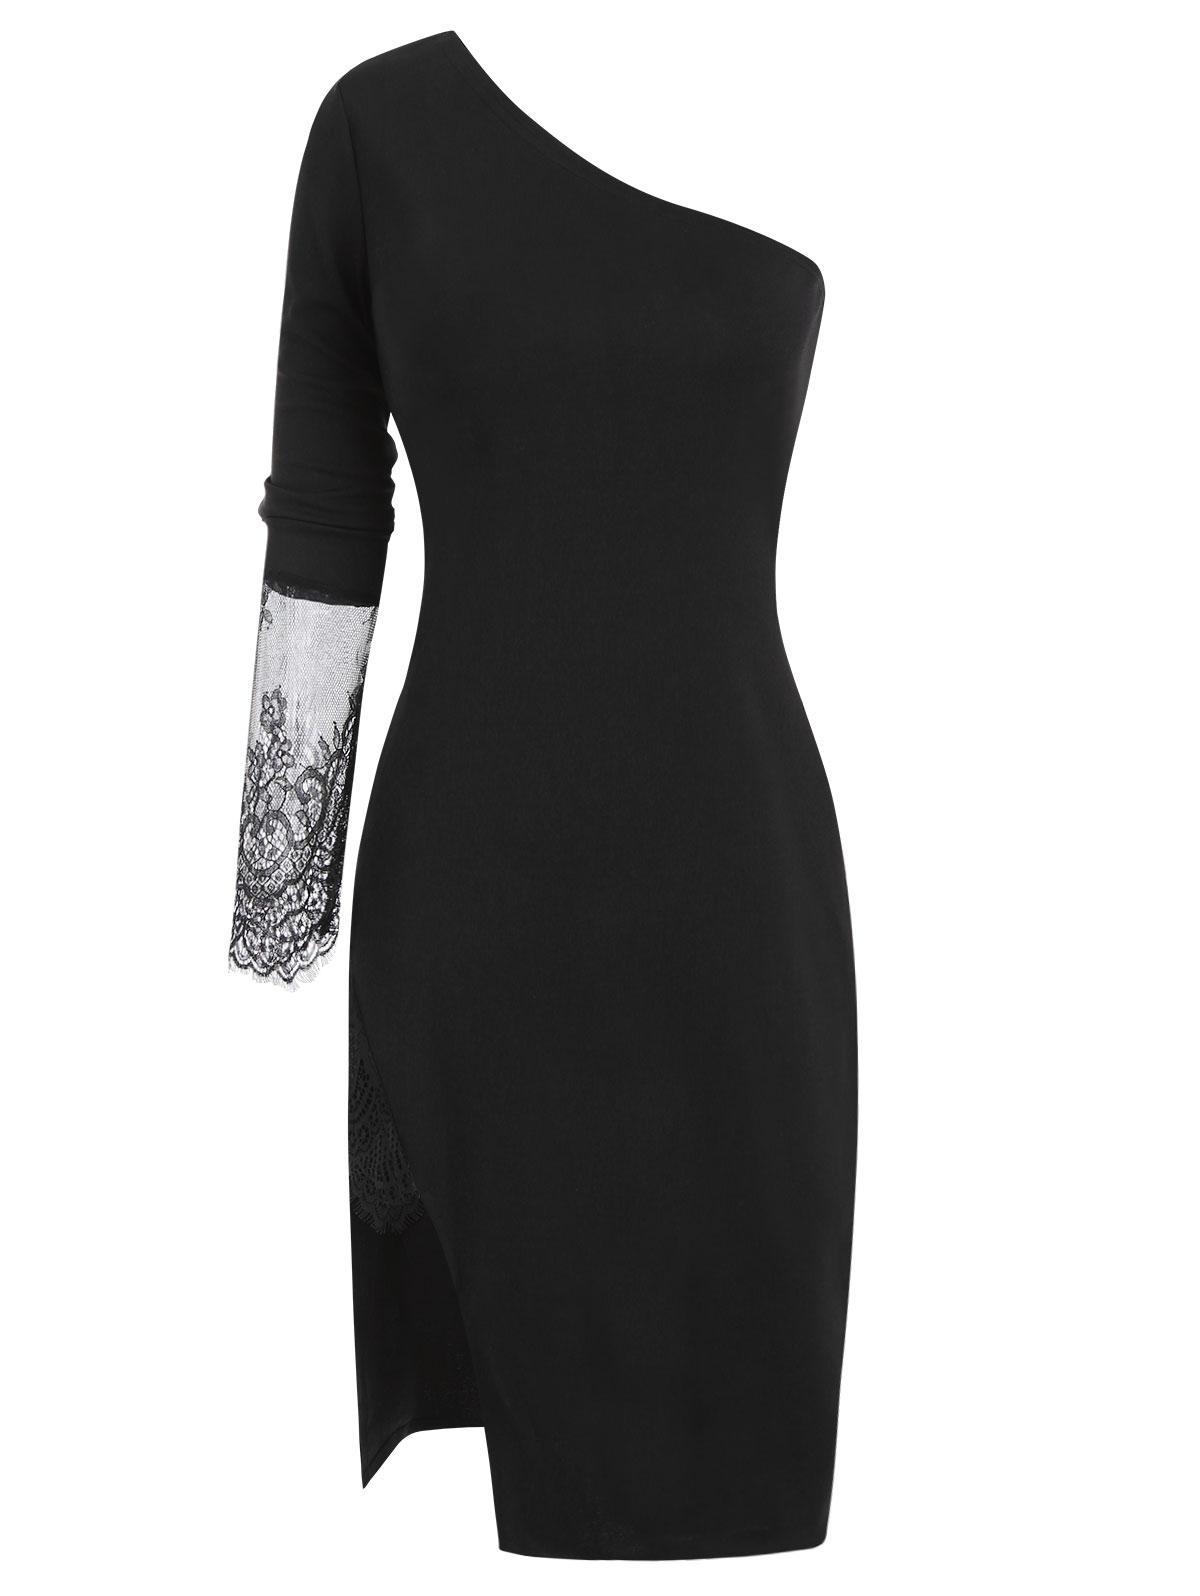 Lace Insert Side Slit One Shoulder Dress